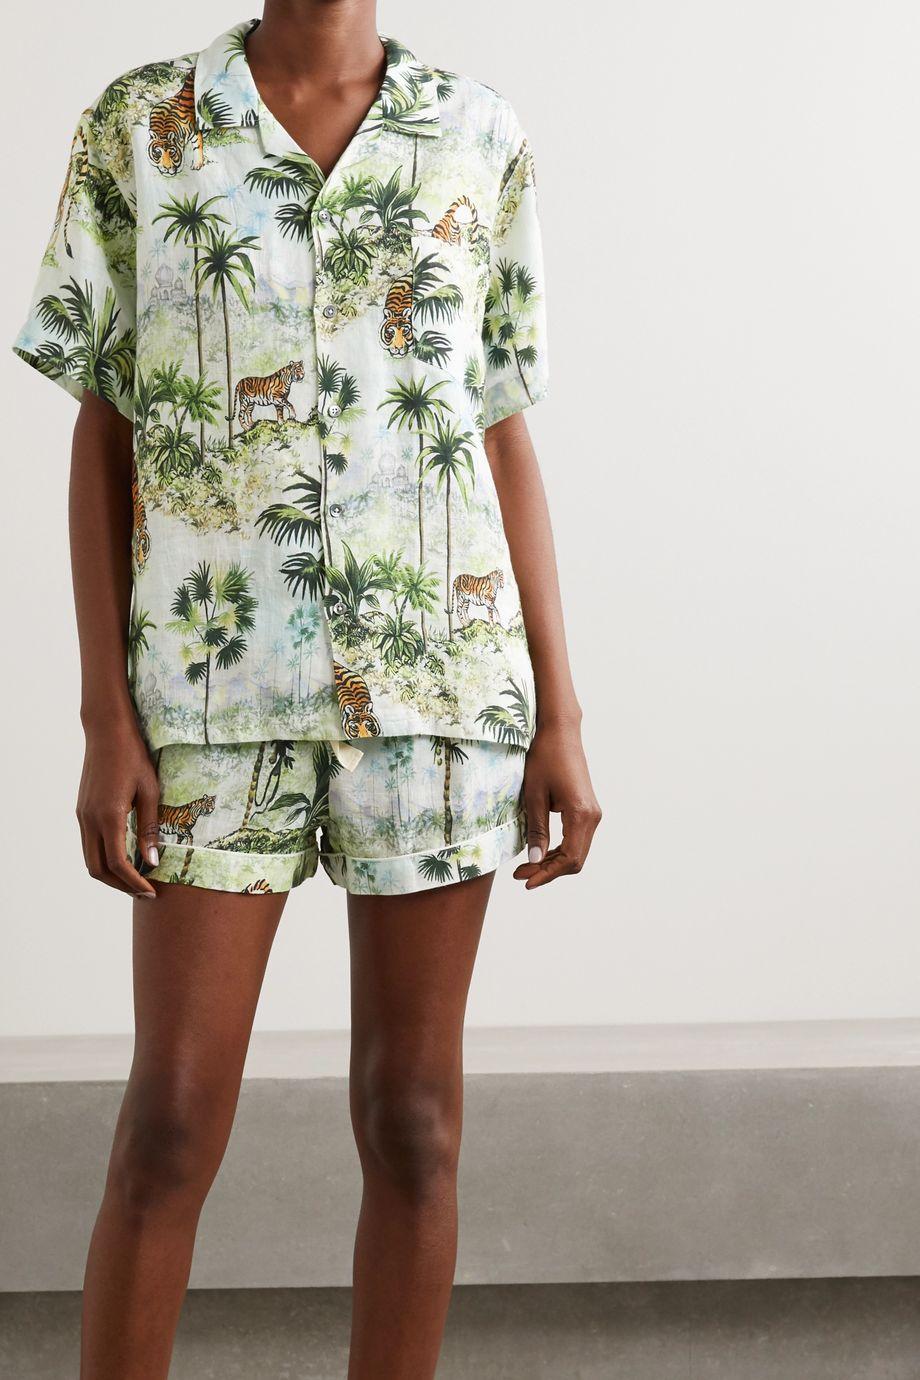 Desmond & Dempsey India Pyjama aus bedrucktem Leinen